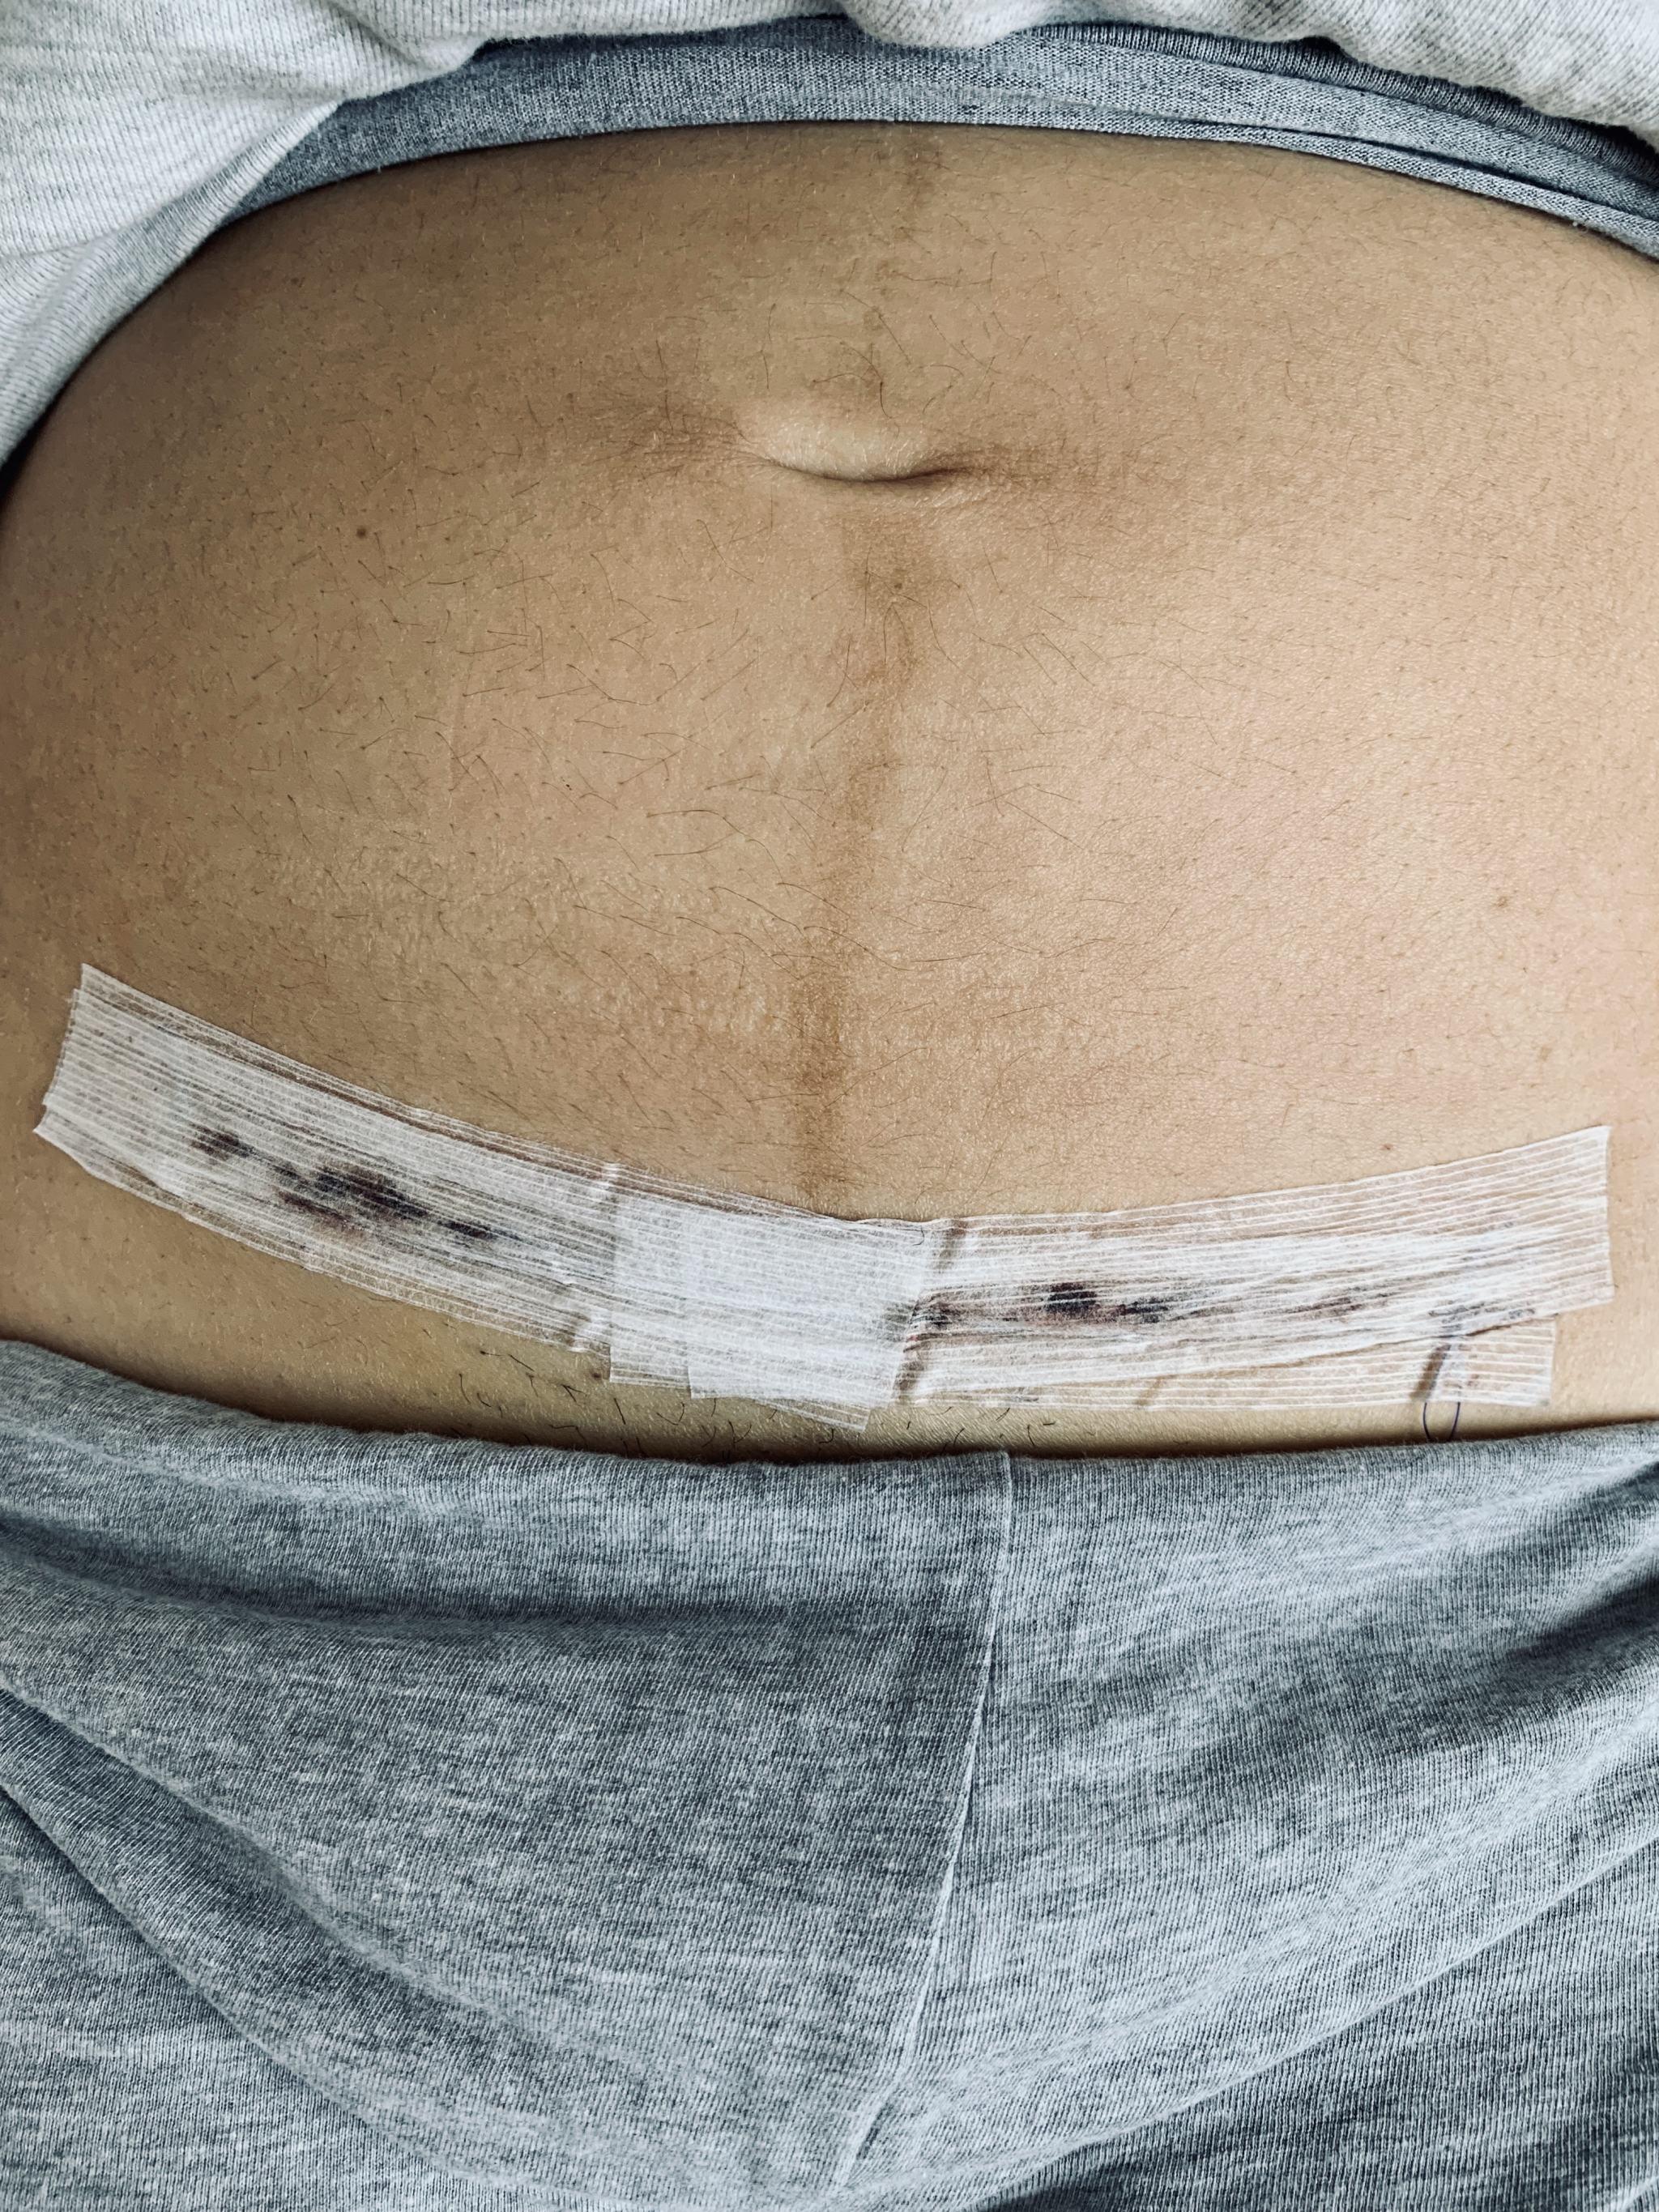 Haut nach schwangerschaft